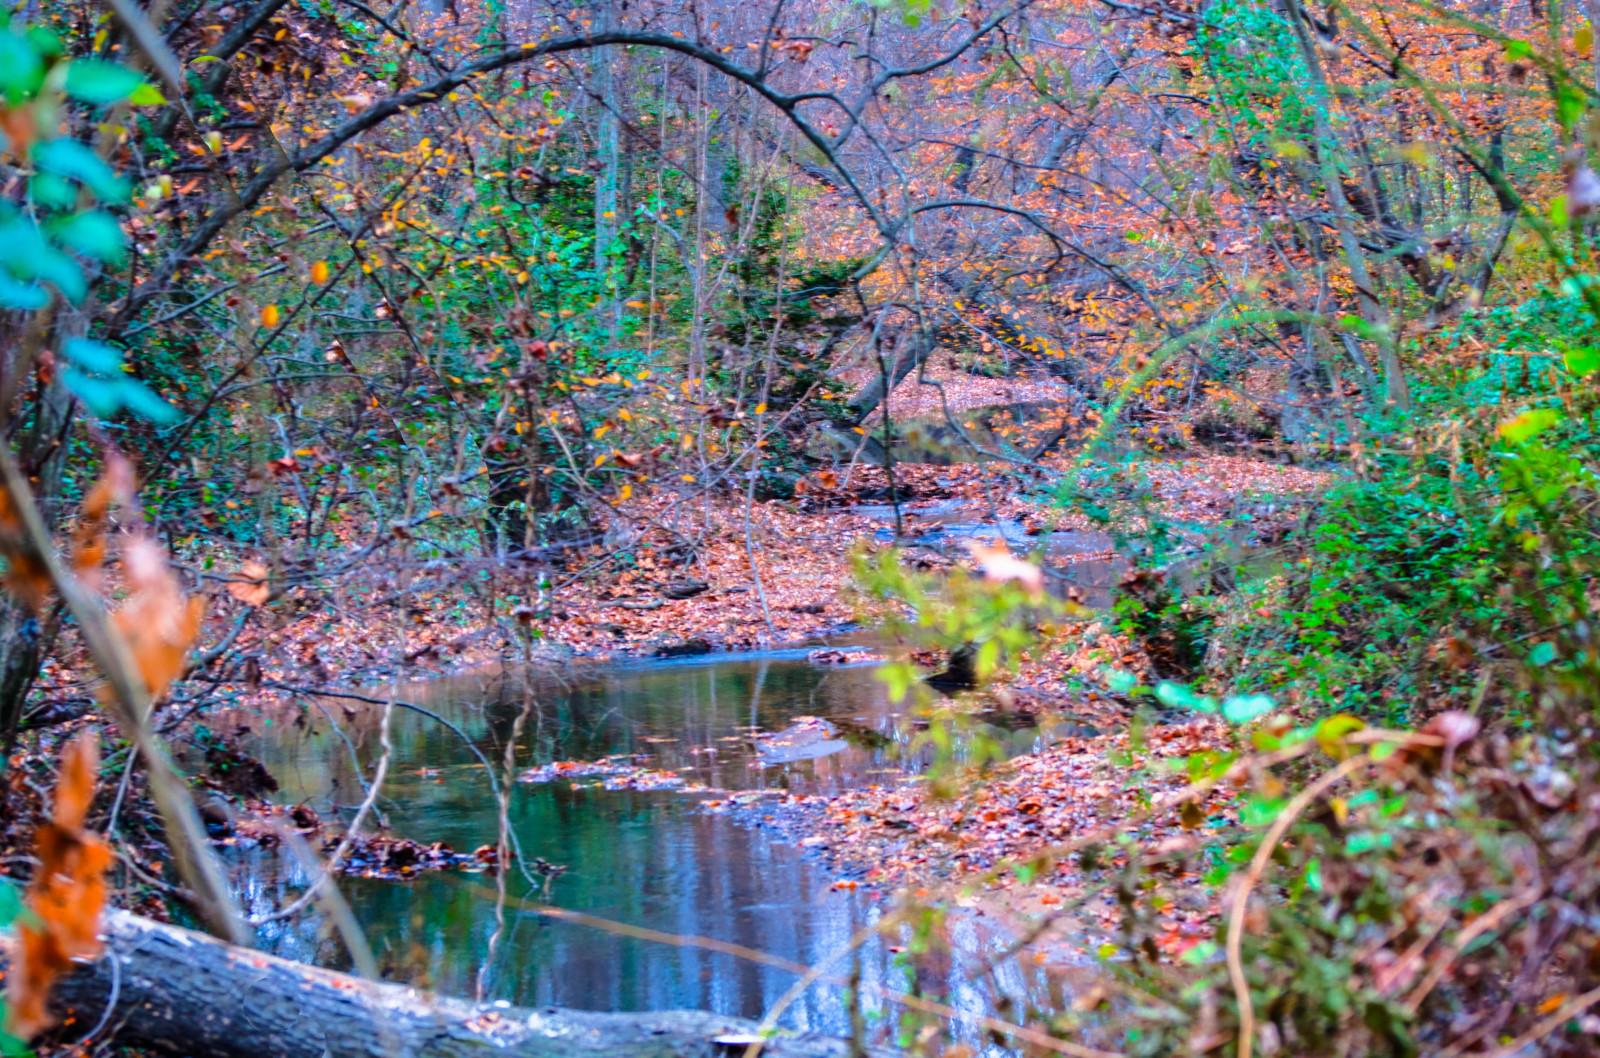 foto de Fond d'écran : eau, la nature, feuille, arbre, végétation ...